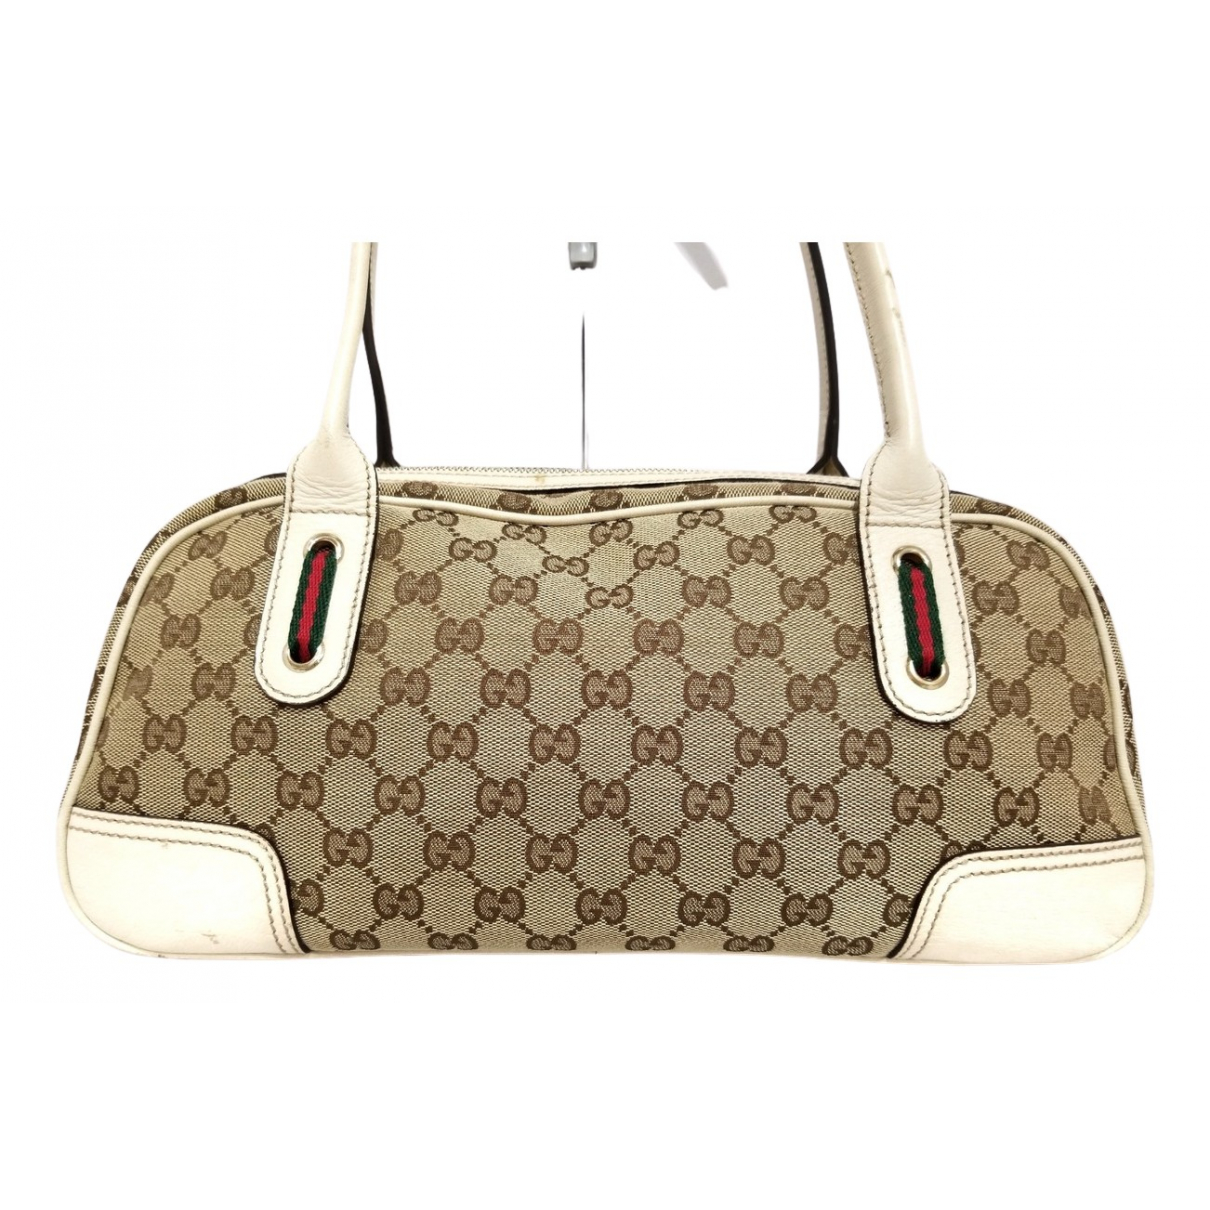 Gucci - Sac a main   pour femme en toile - beige